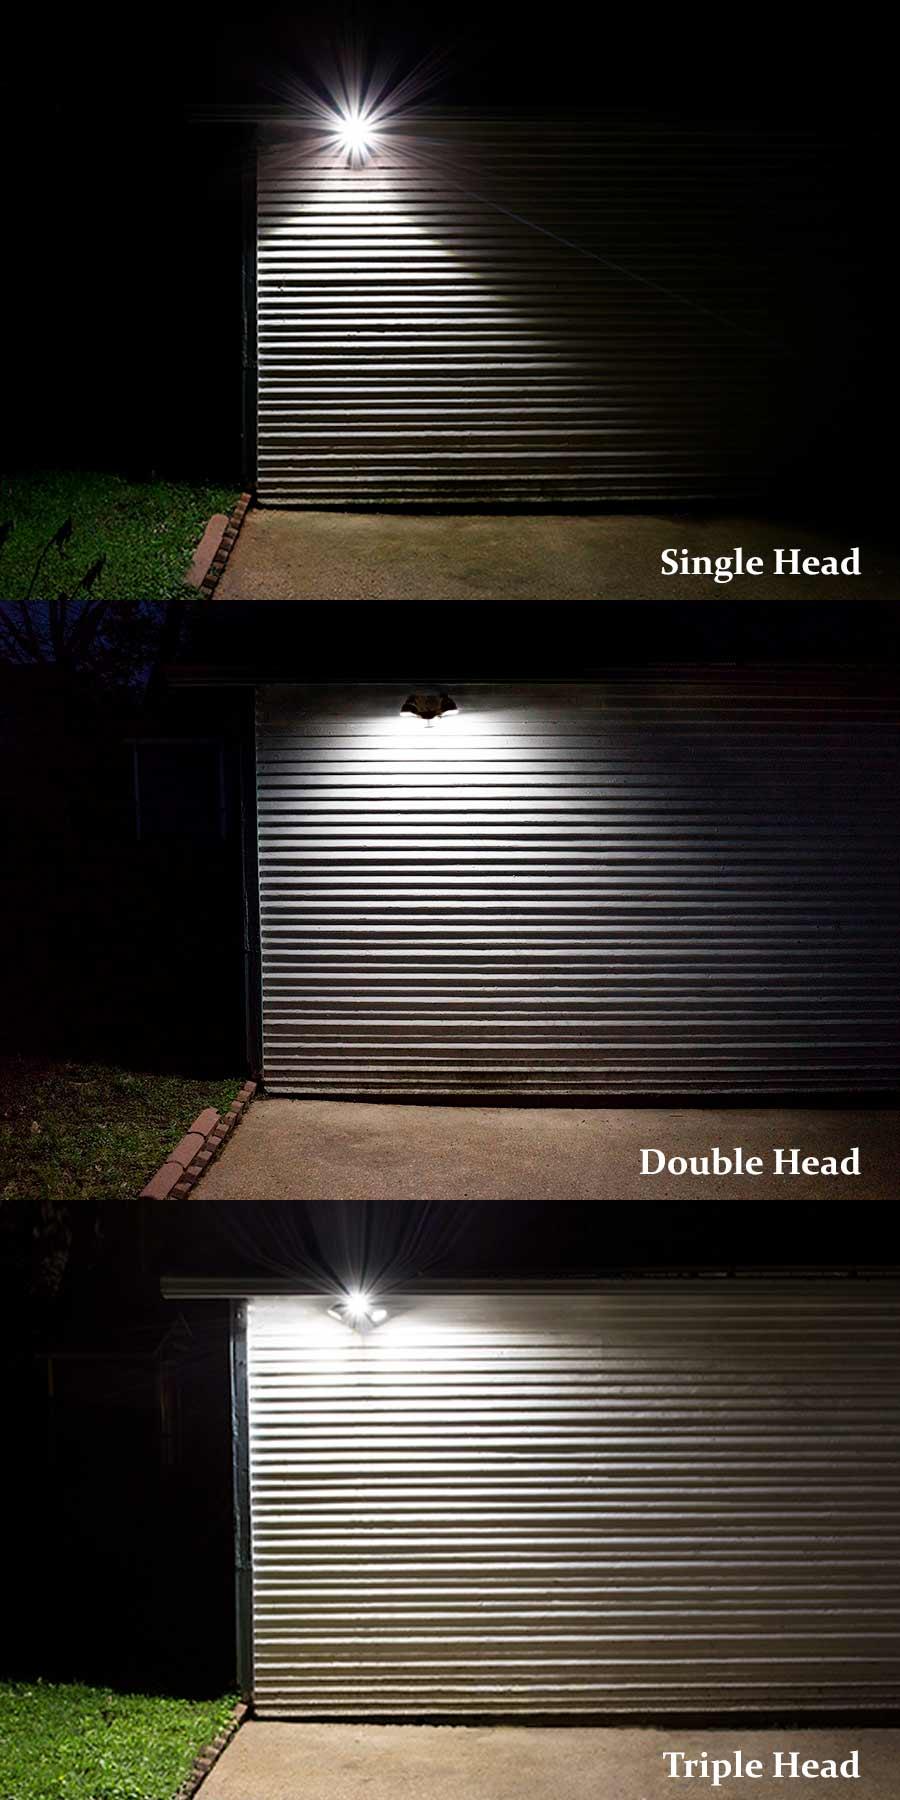 Motion Sensor Light Comparison